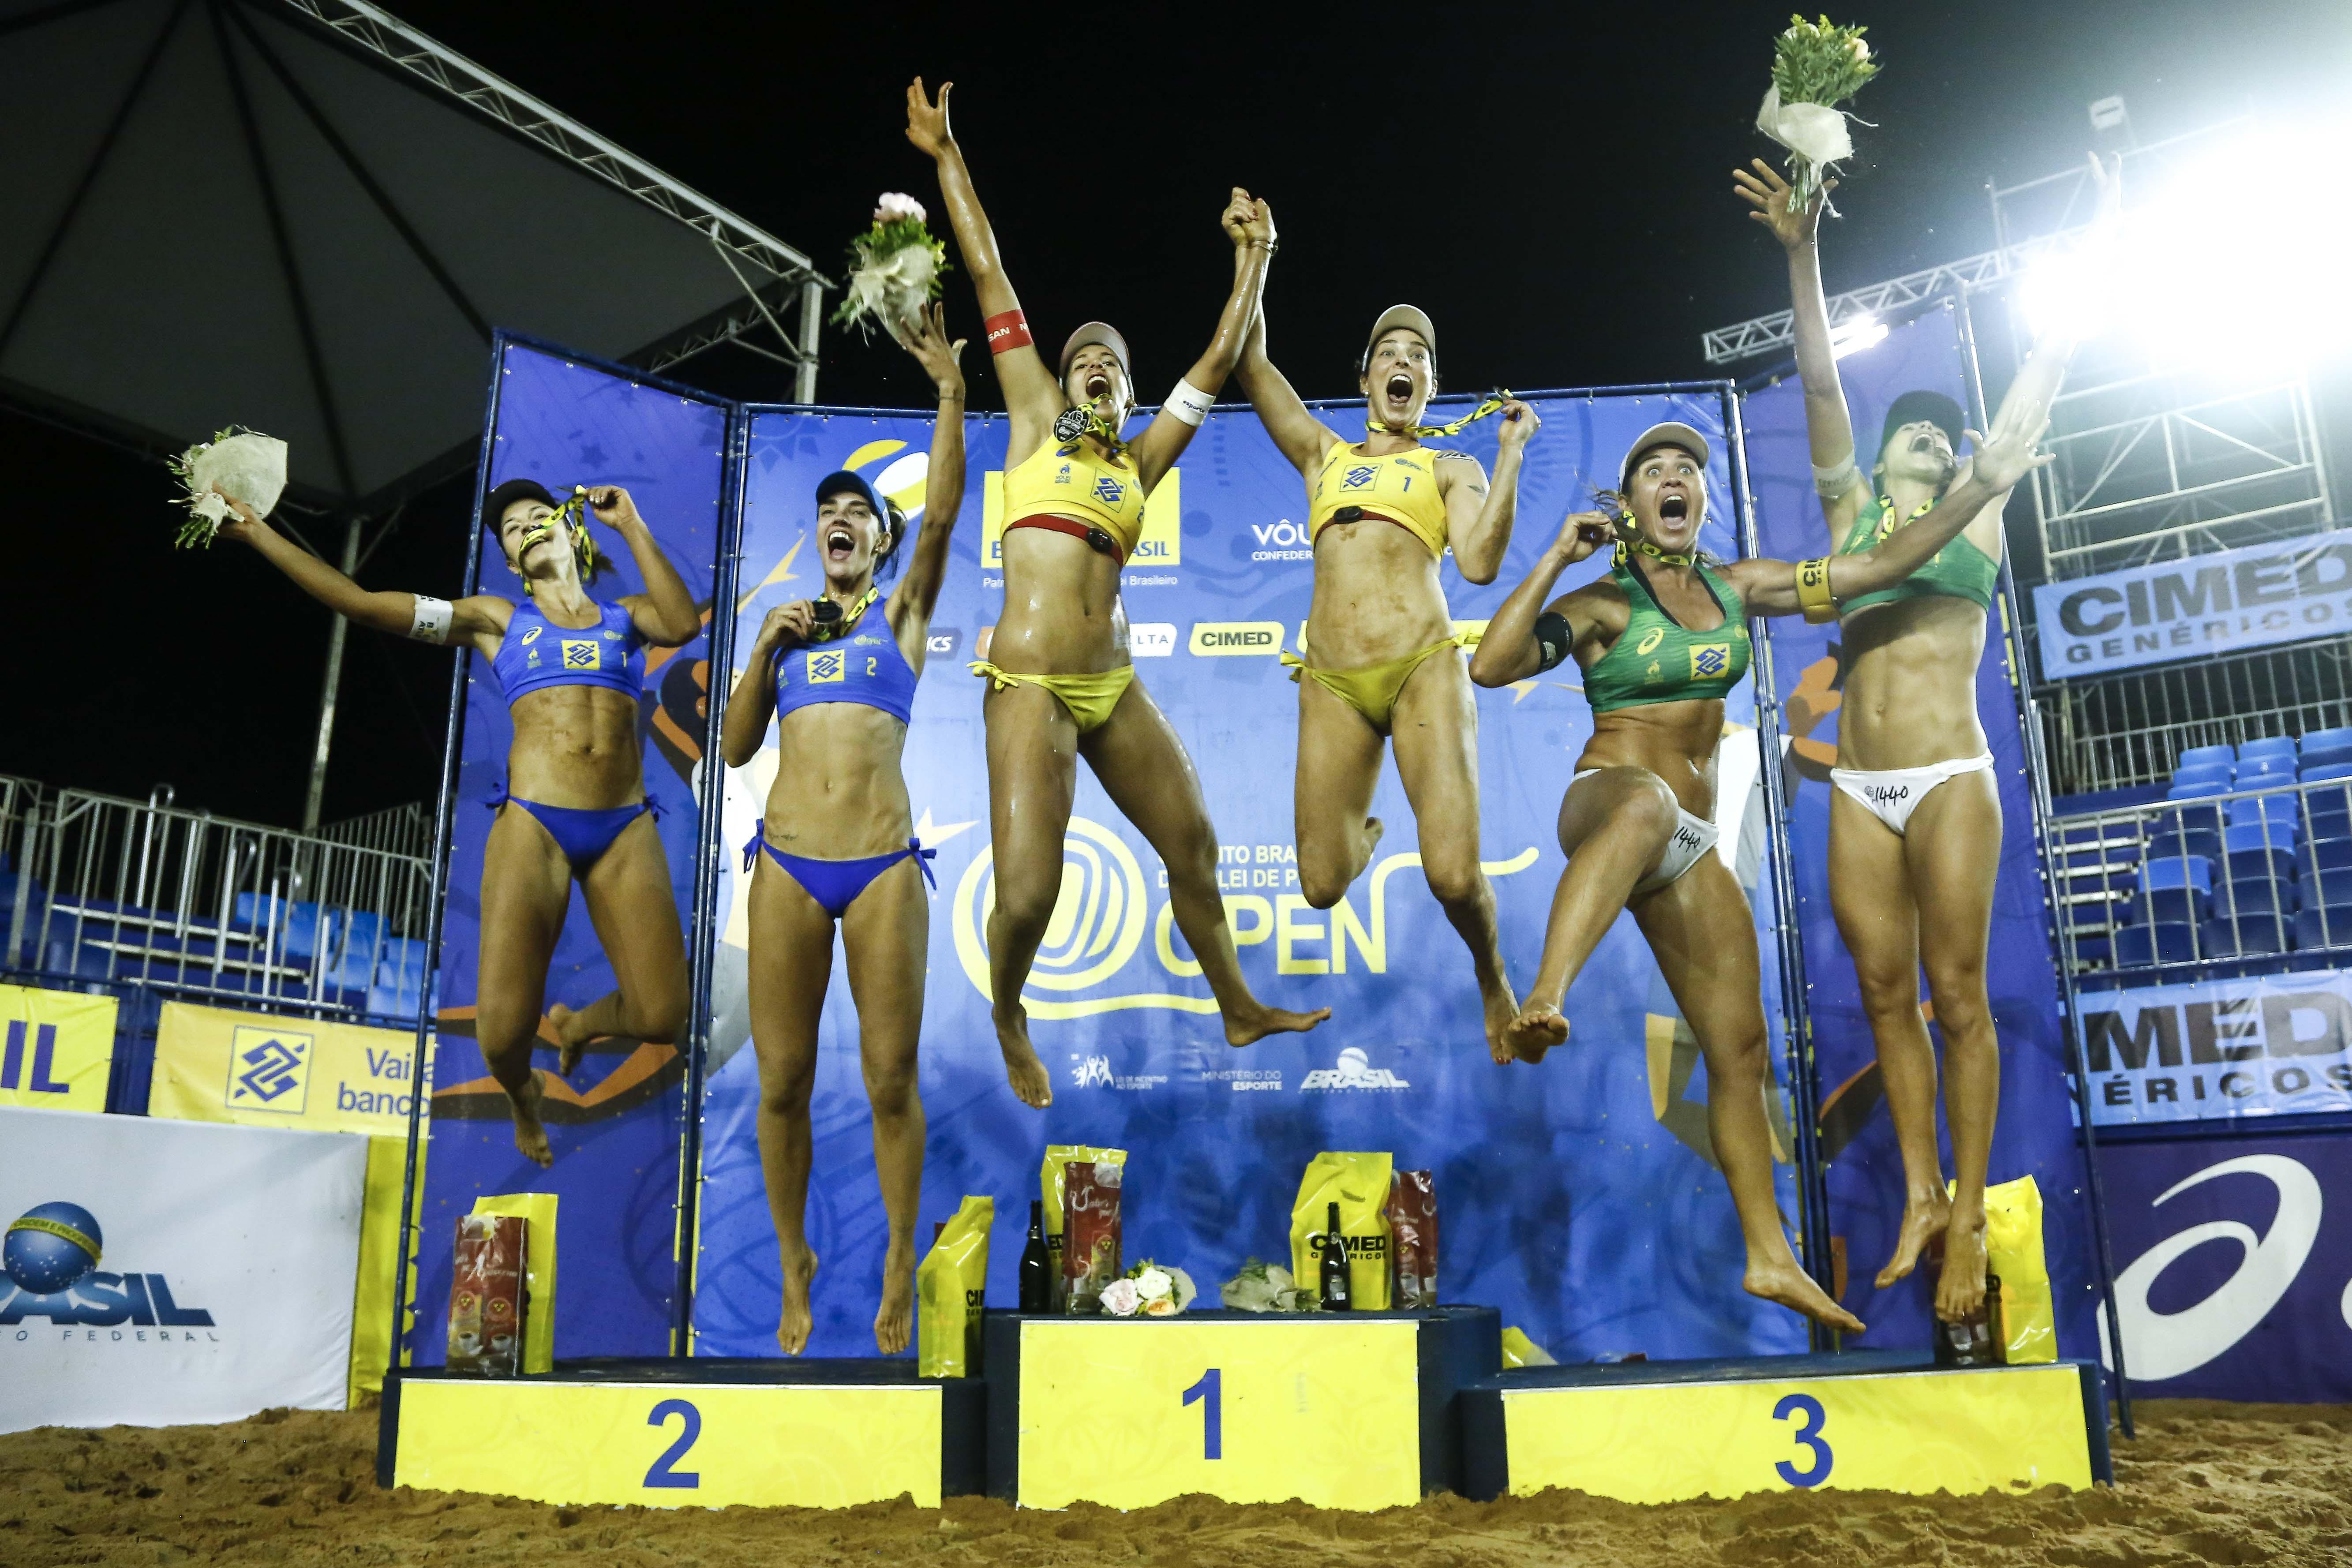 Ágatha/Duda encerra ano com chave de ouro e vencem etapa de Campo Grande (MS)